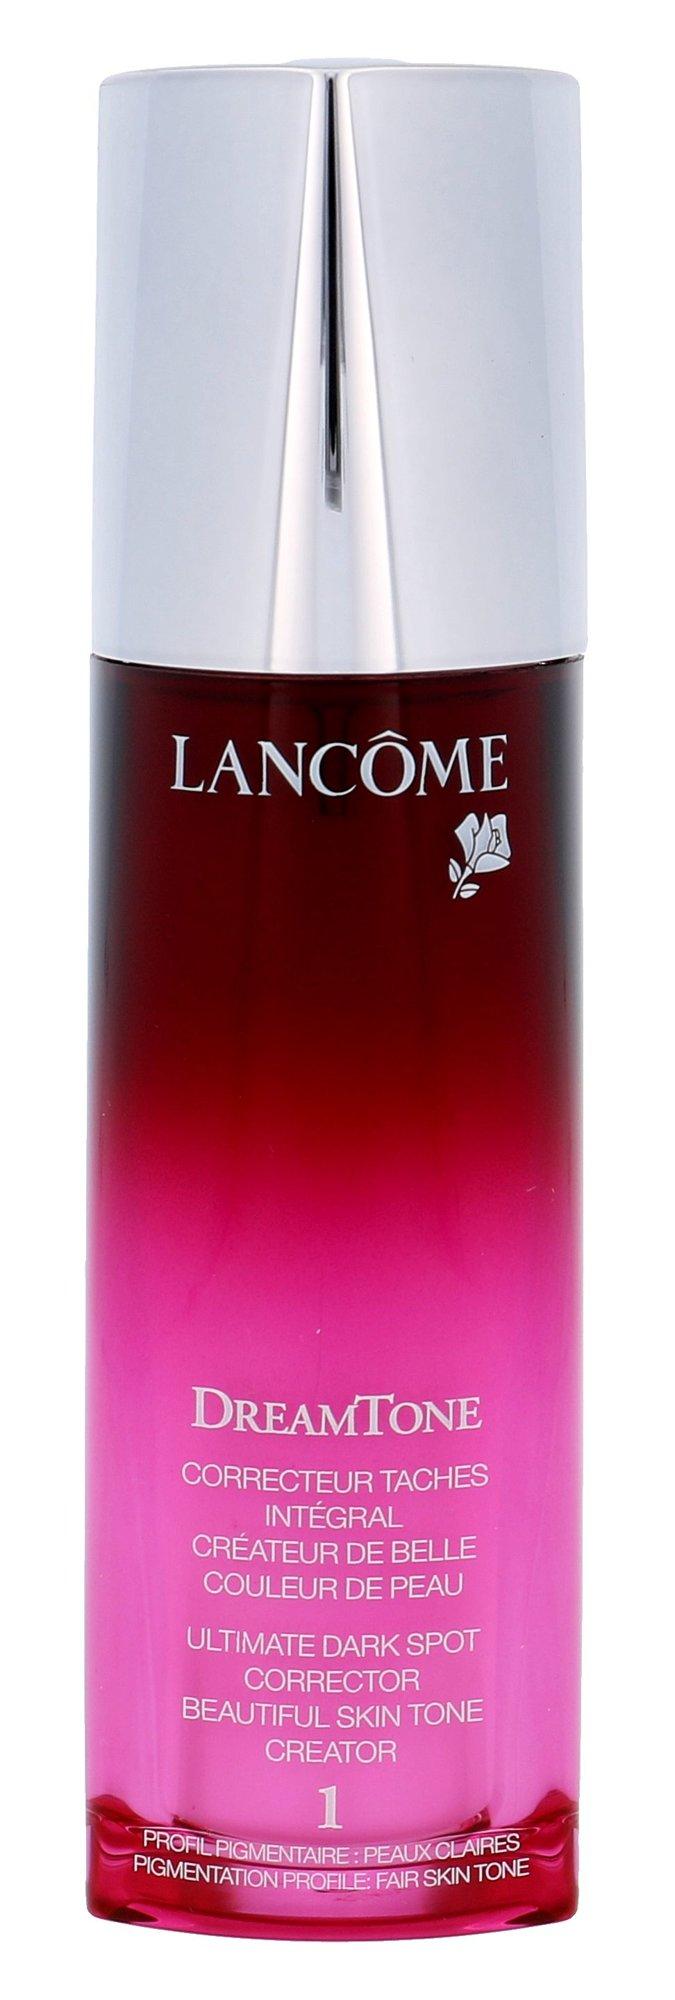 Lancôme Dreamtone Cosmetic 40ml 1 Fair Skin Tone